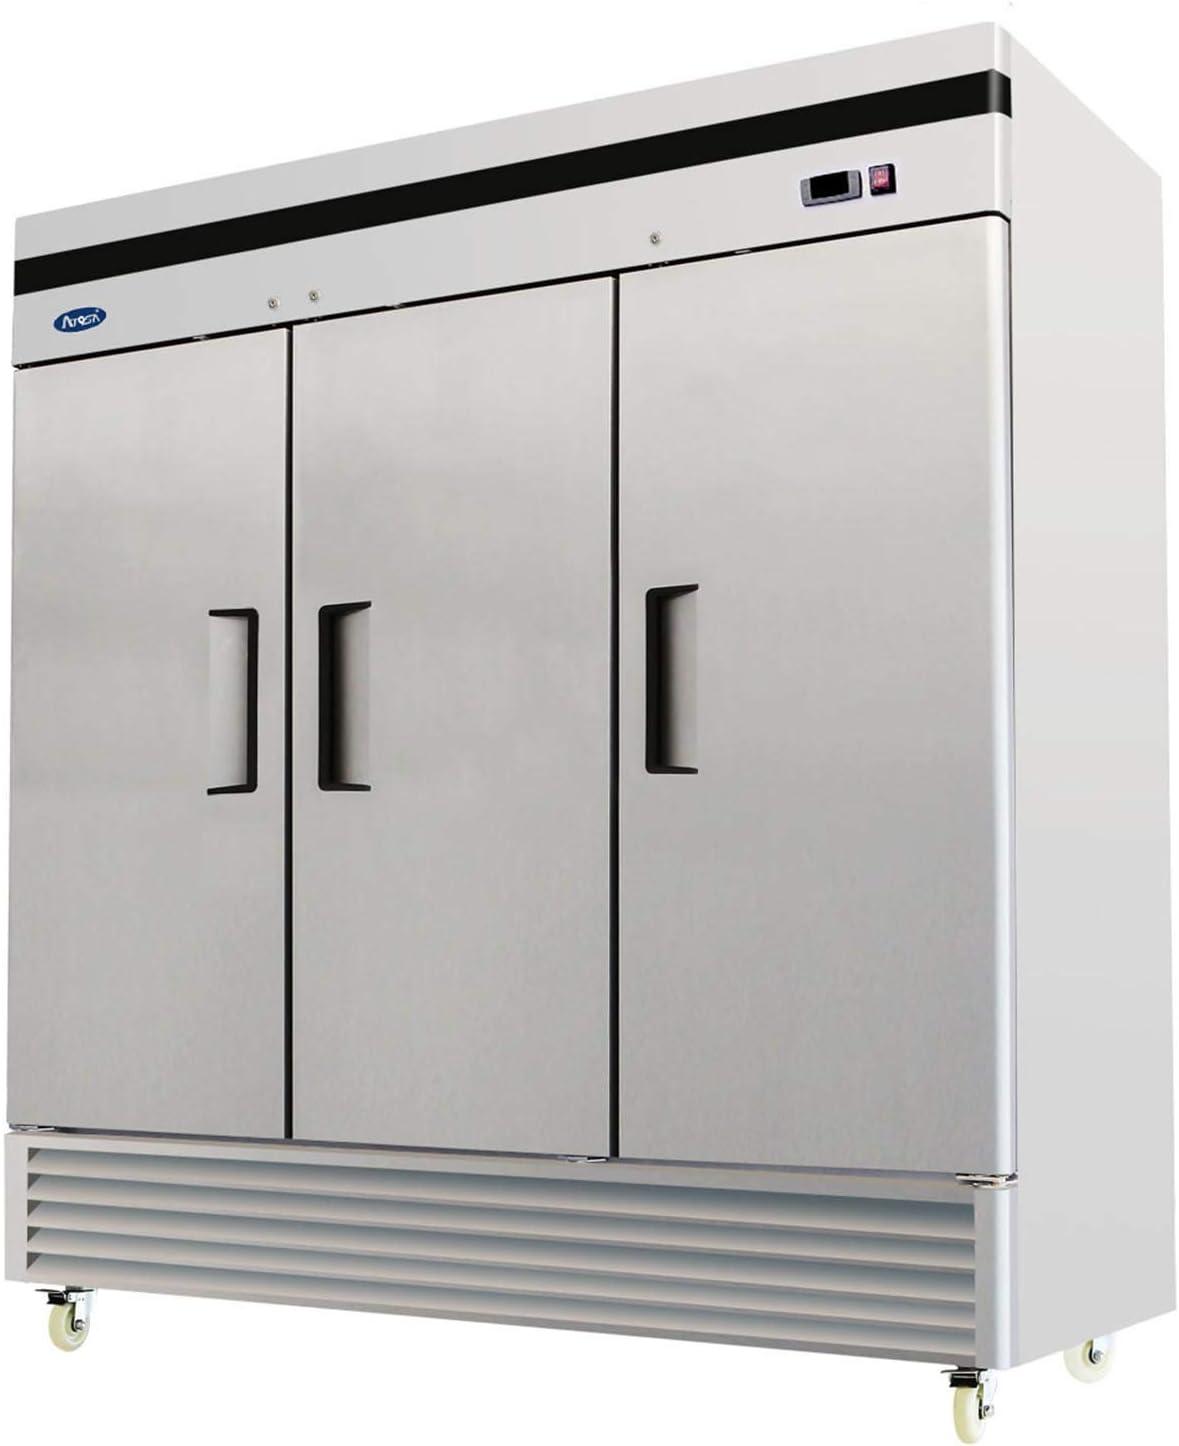 Atosa MBF8508 Bottom Mount New life 3 Three Refrigerator Door